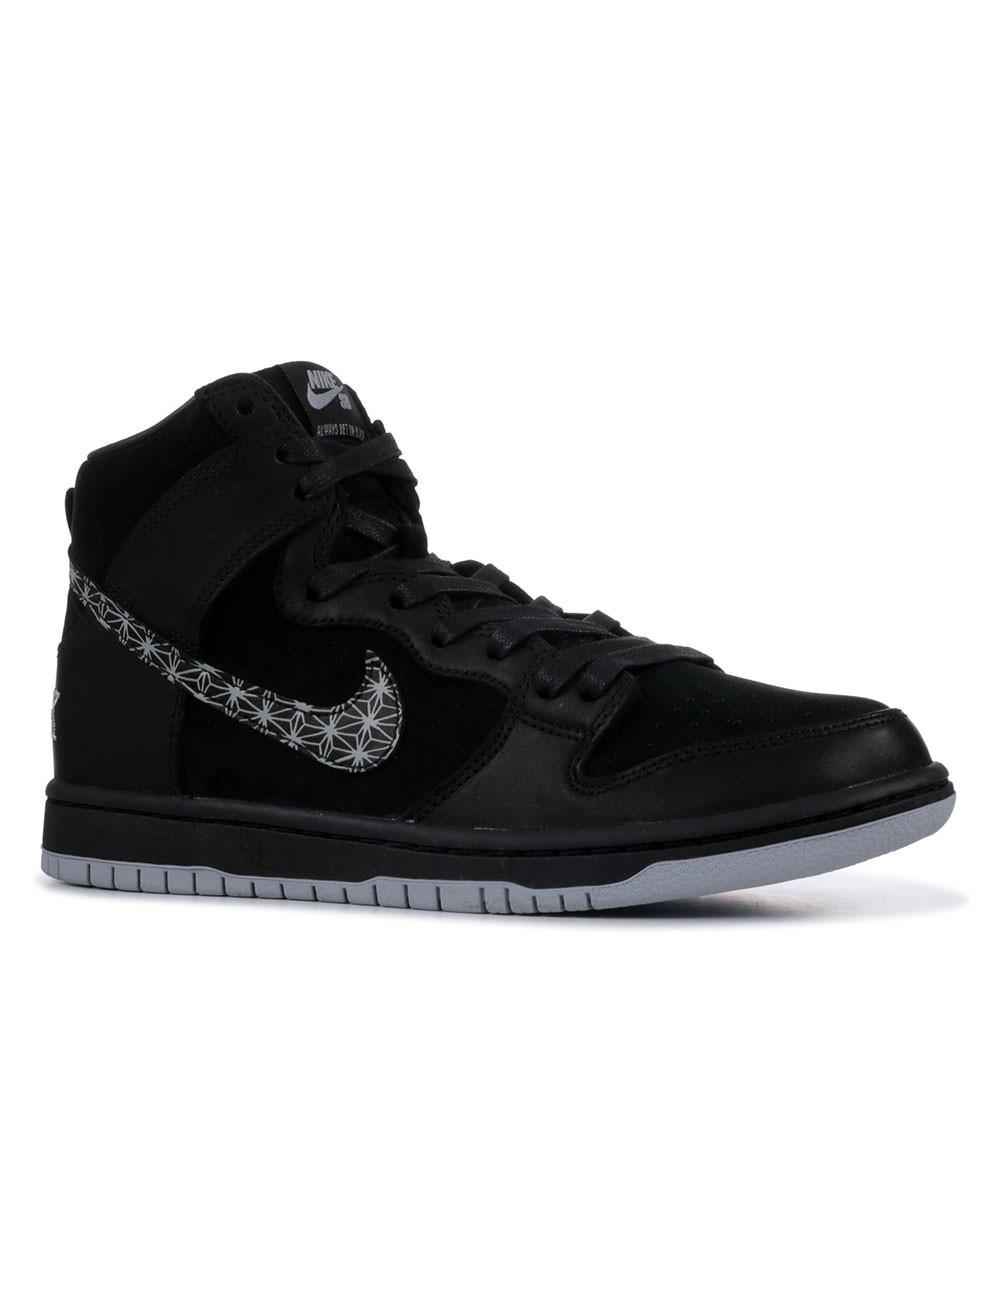 Nike sb Dunk hi bar black qs - AH9613-002   Shapestore.it